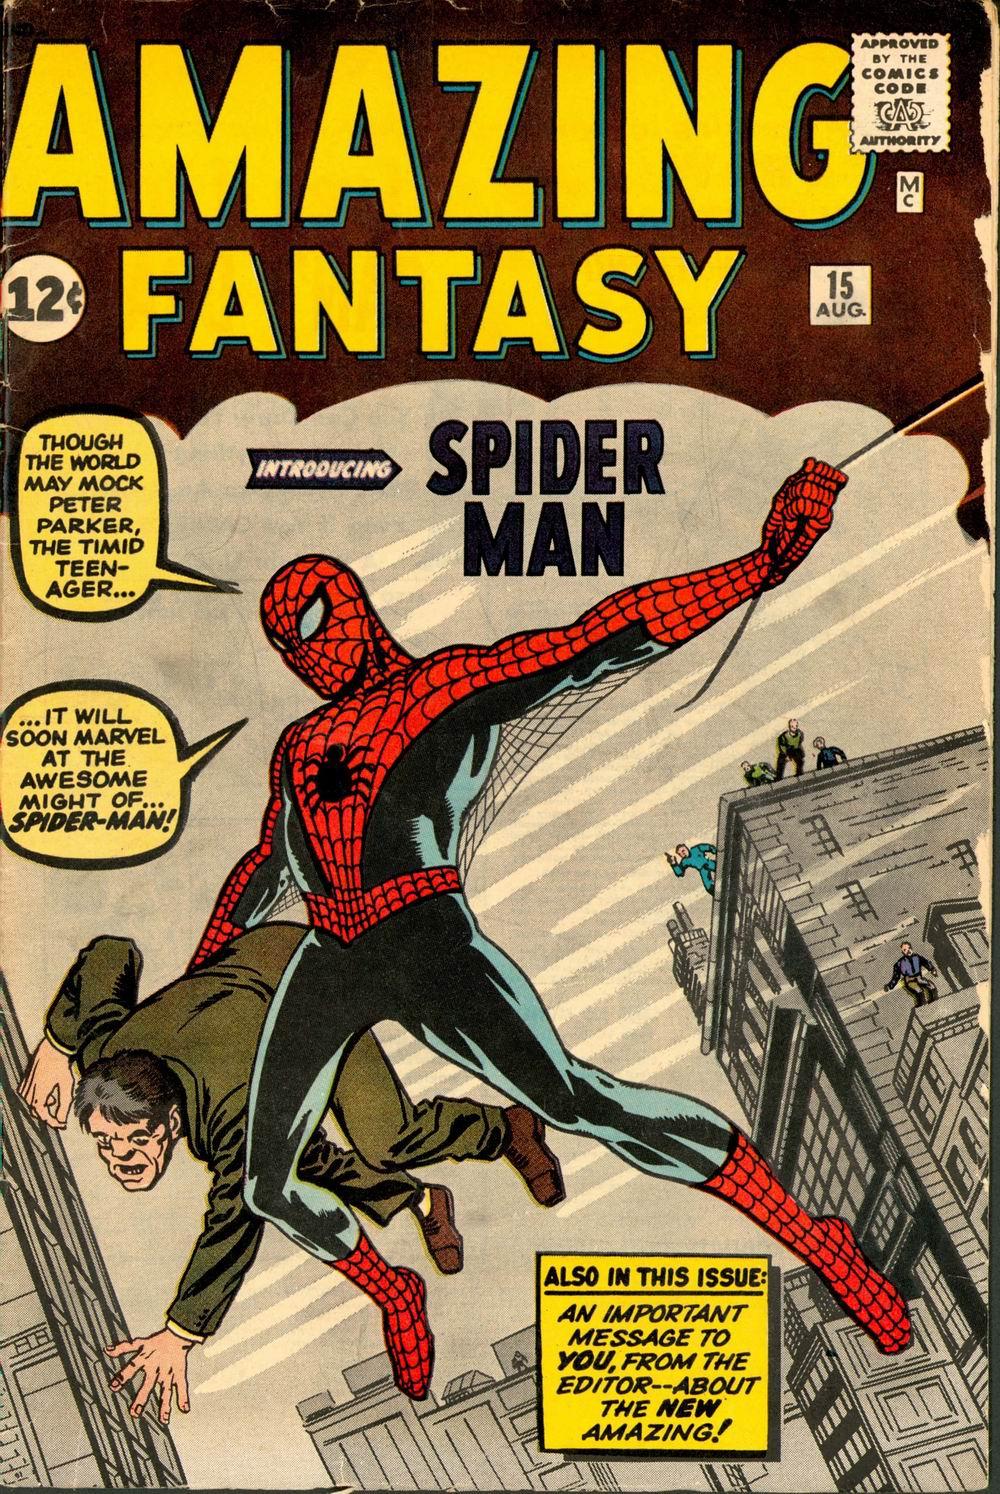 Silver Age Comics: Amazing Fantasy #15